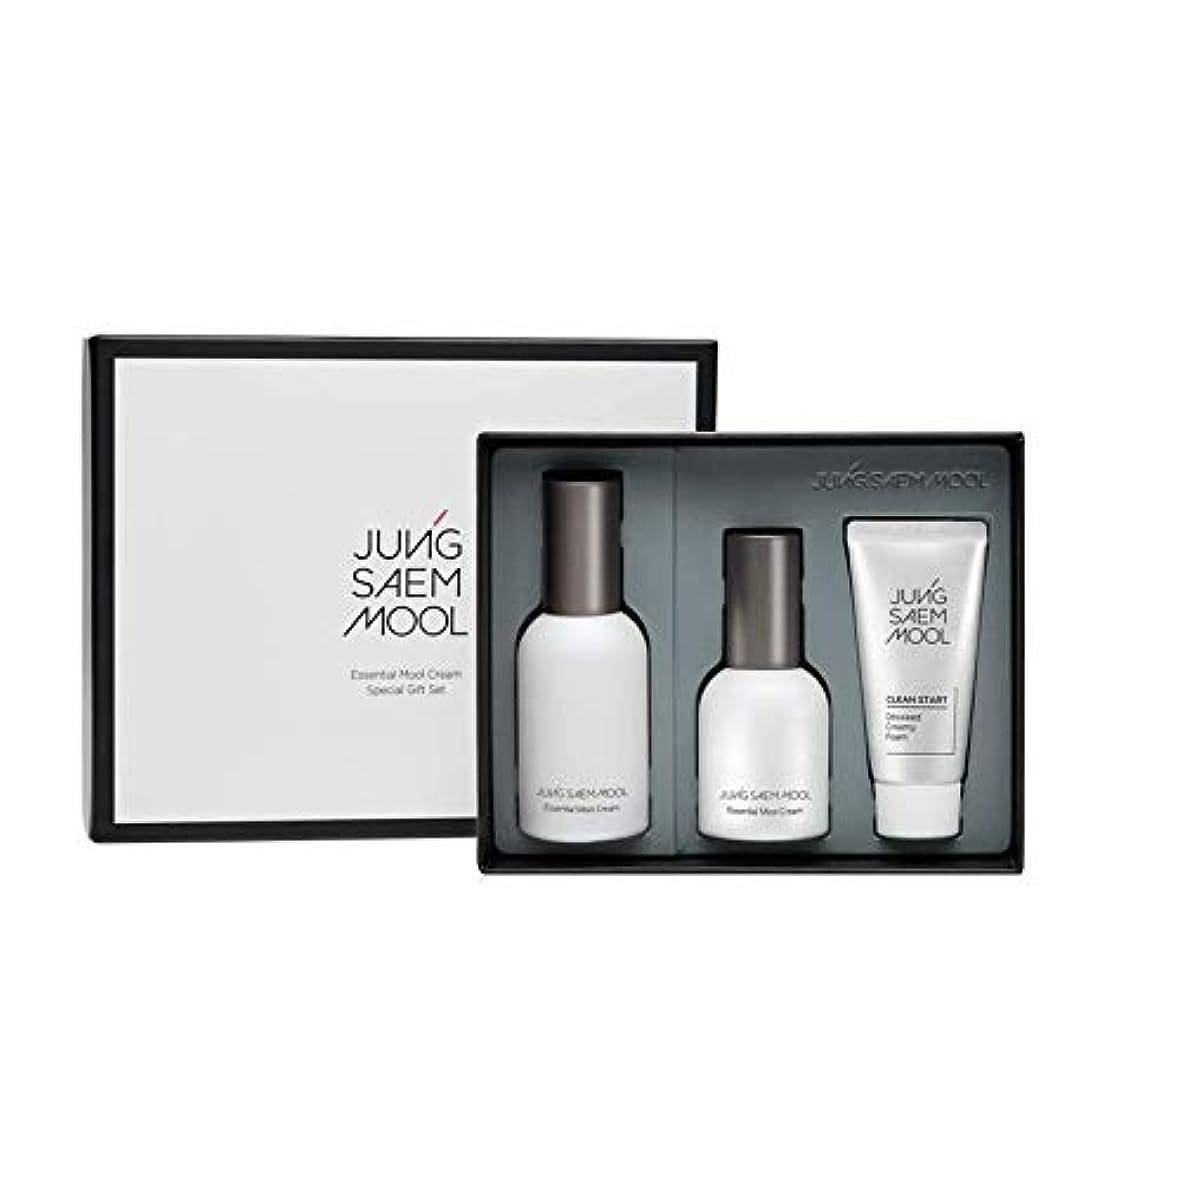 首相微生物ウェブジョンセンムル JUNGSAEMMOOL エッセンシャルムルクリームスペシャルギフトセット Essential Mool Cream Special Gift Set [並行輸入品]